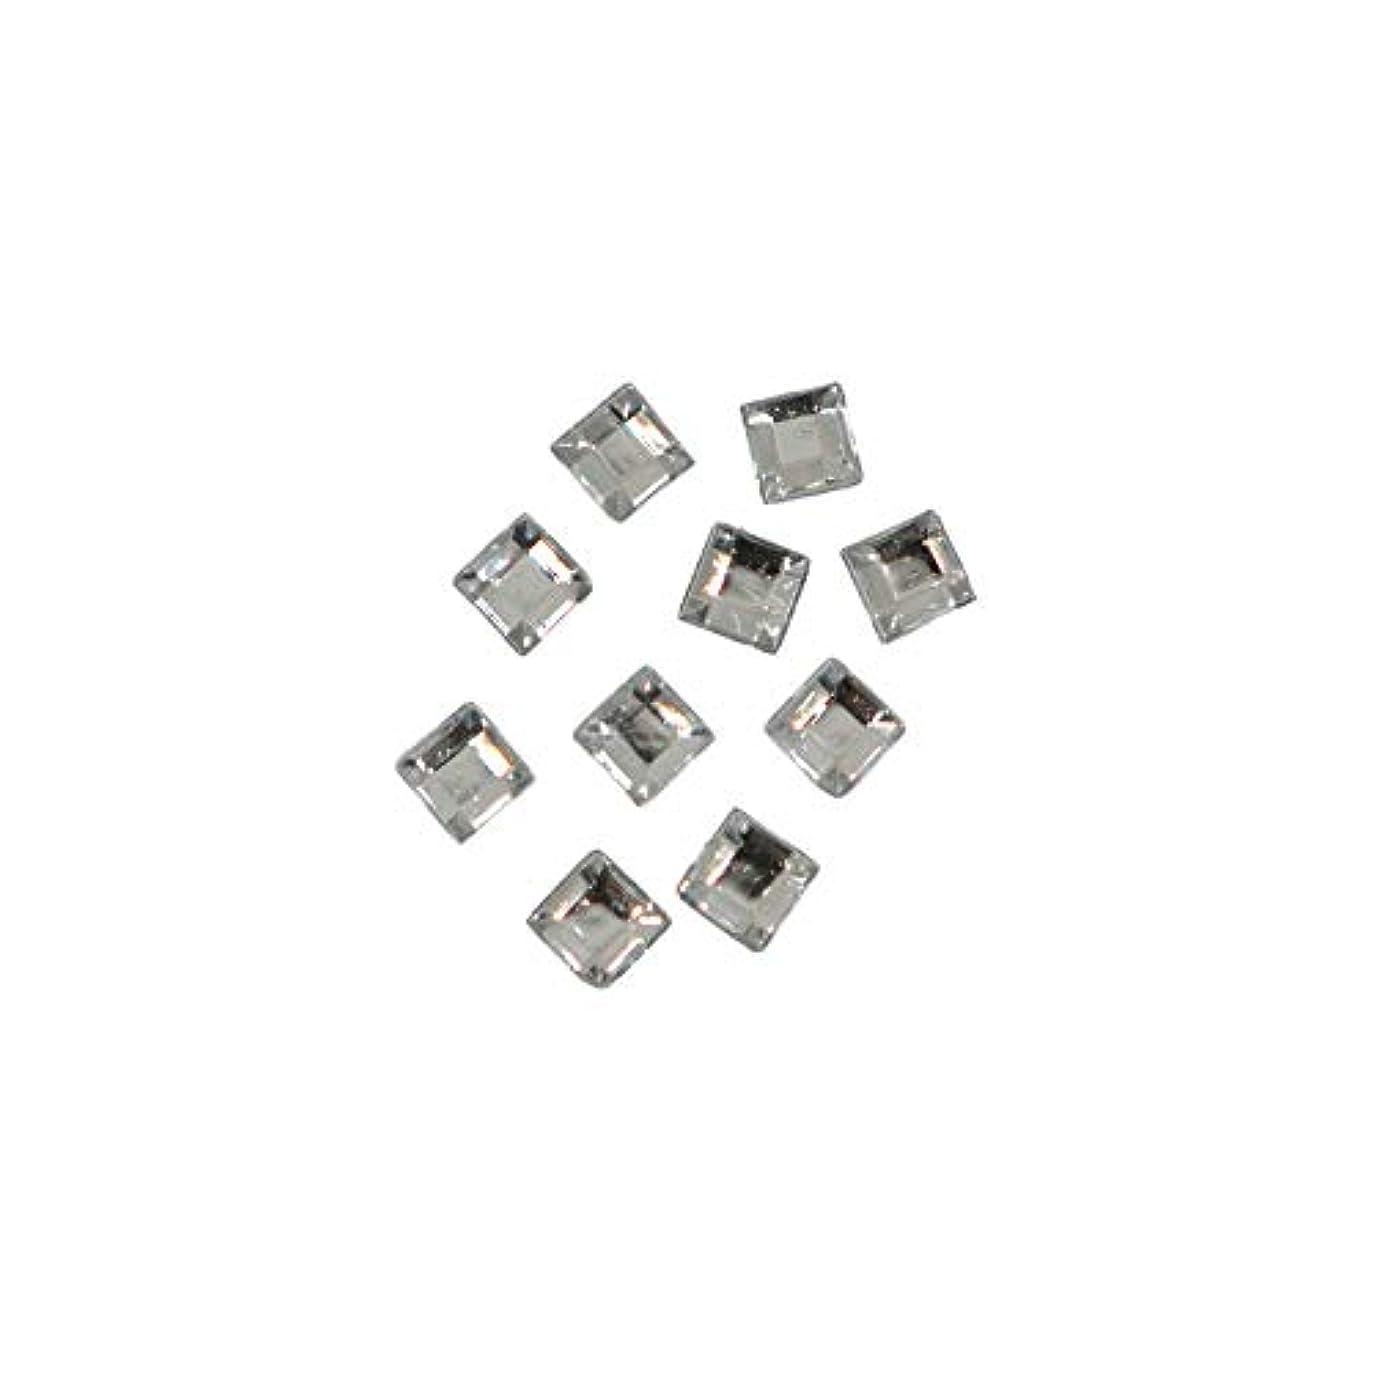 寛容かすかなモンクスクエアストーン 30粒 / 色々使える四角いアクリルストーン (クリスタル2.5mm)